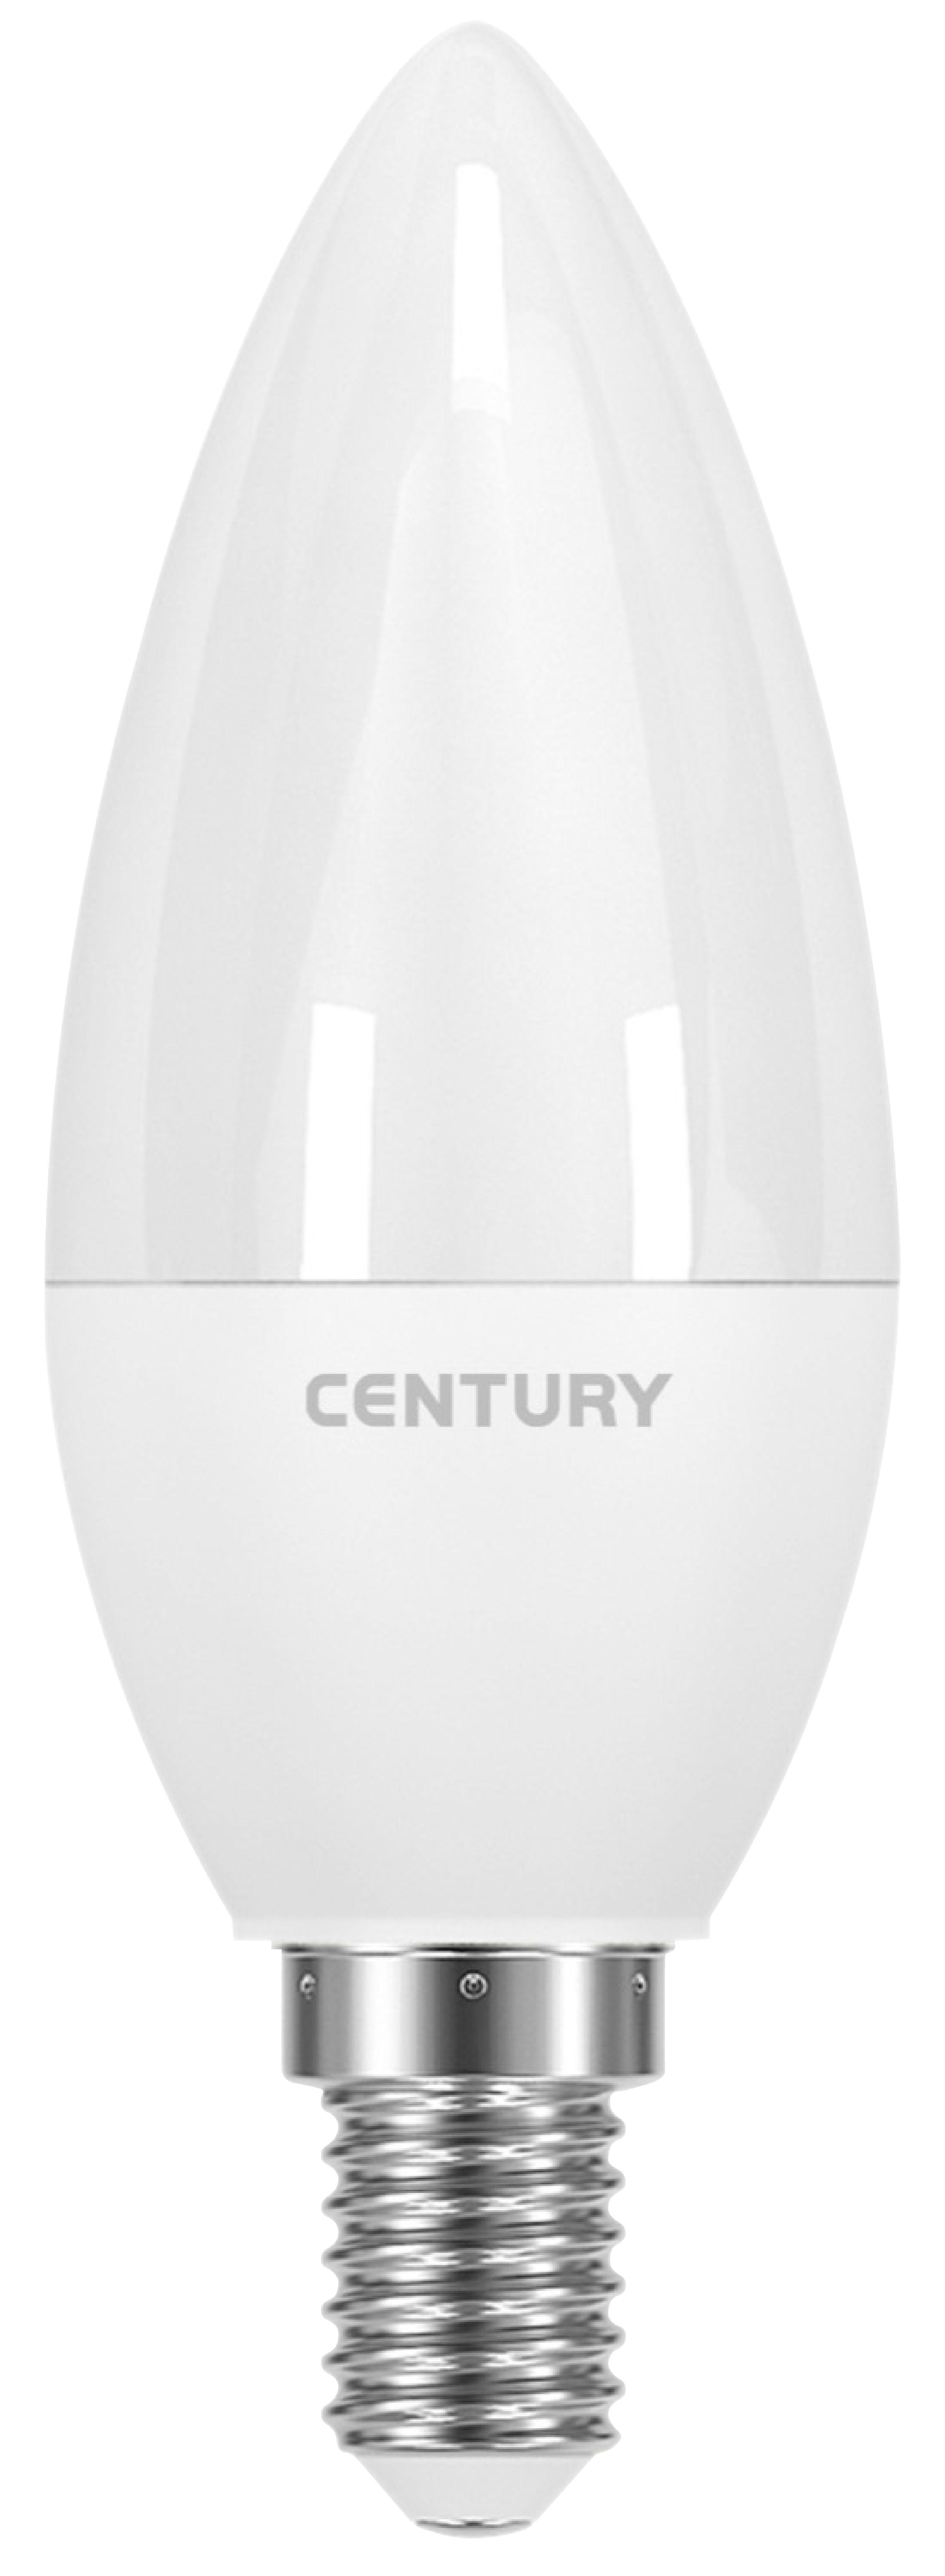 Century LED žárovka svíčka E14 8W 806lm 3000K (ONM1-081430)